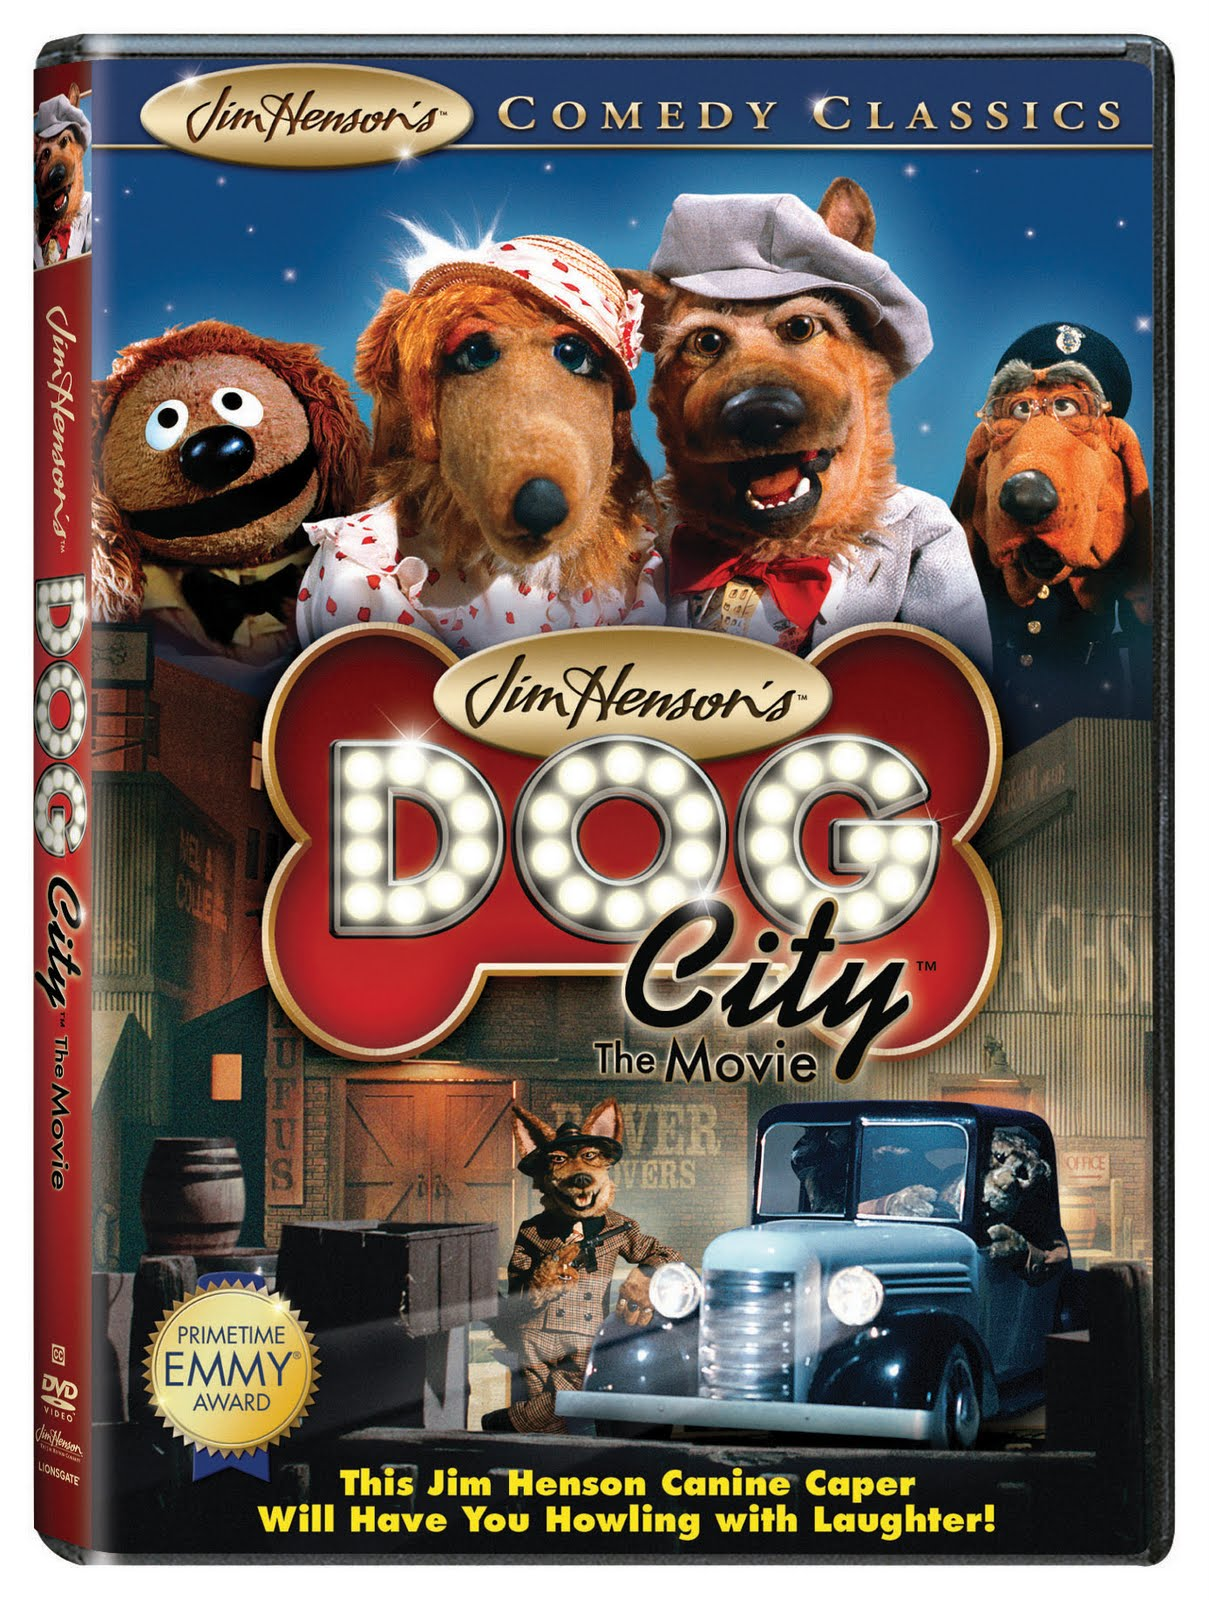 http://4.bp.blogspot.com/_KW3S0od5s5U/TBmS7BKgAyI/AAAAAAAAEj4/T75u_JY4evE/s1600/Dog_city_NTSC_DVD.jpg